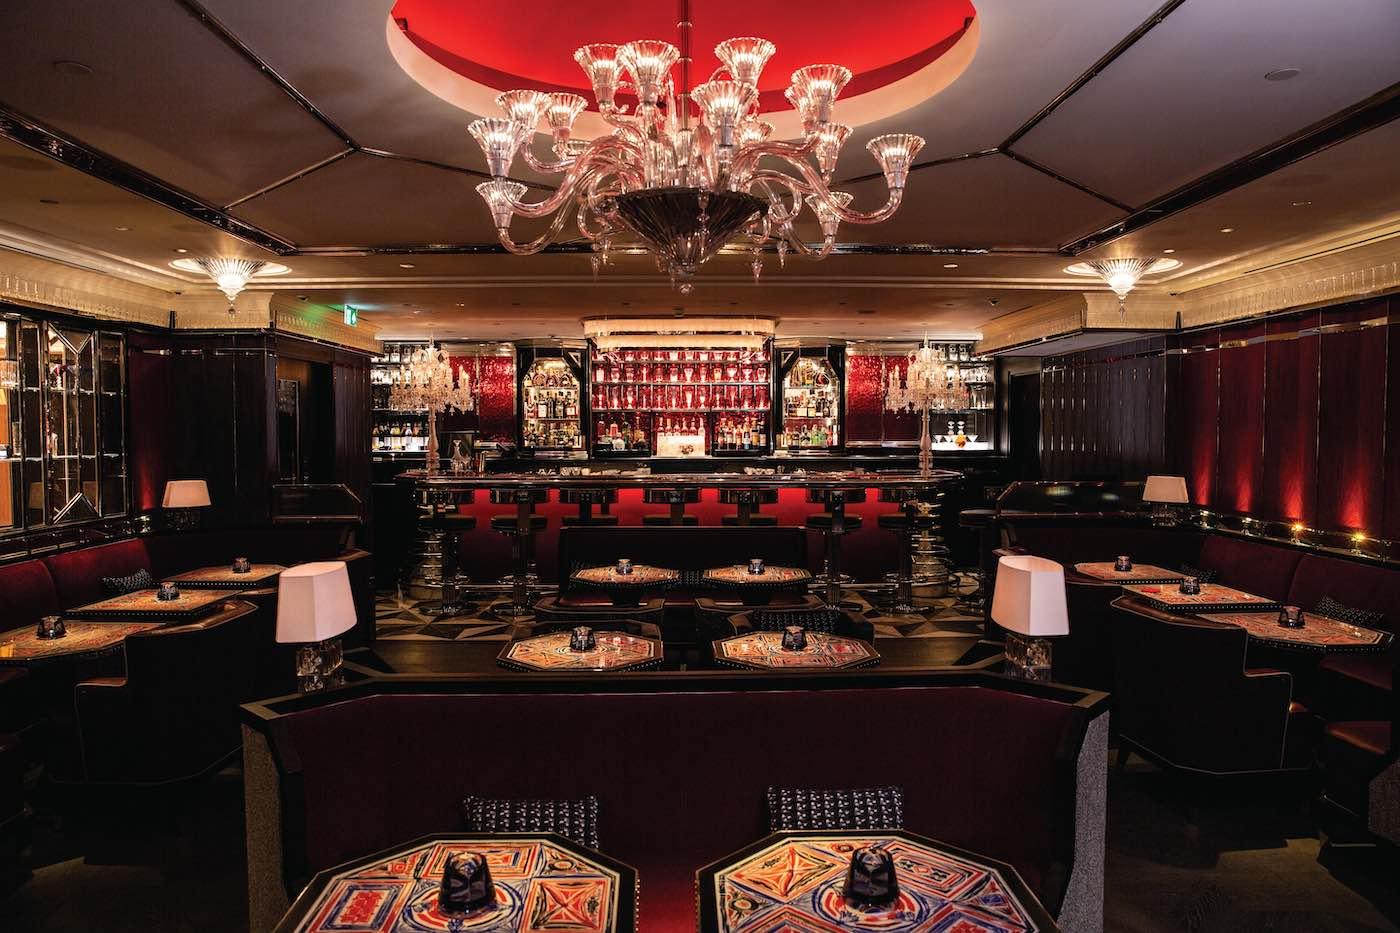 Baccarat Bar abre dentro de Harrods, el centro comercial de lujo más renombrado de Londres